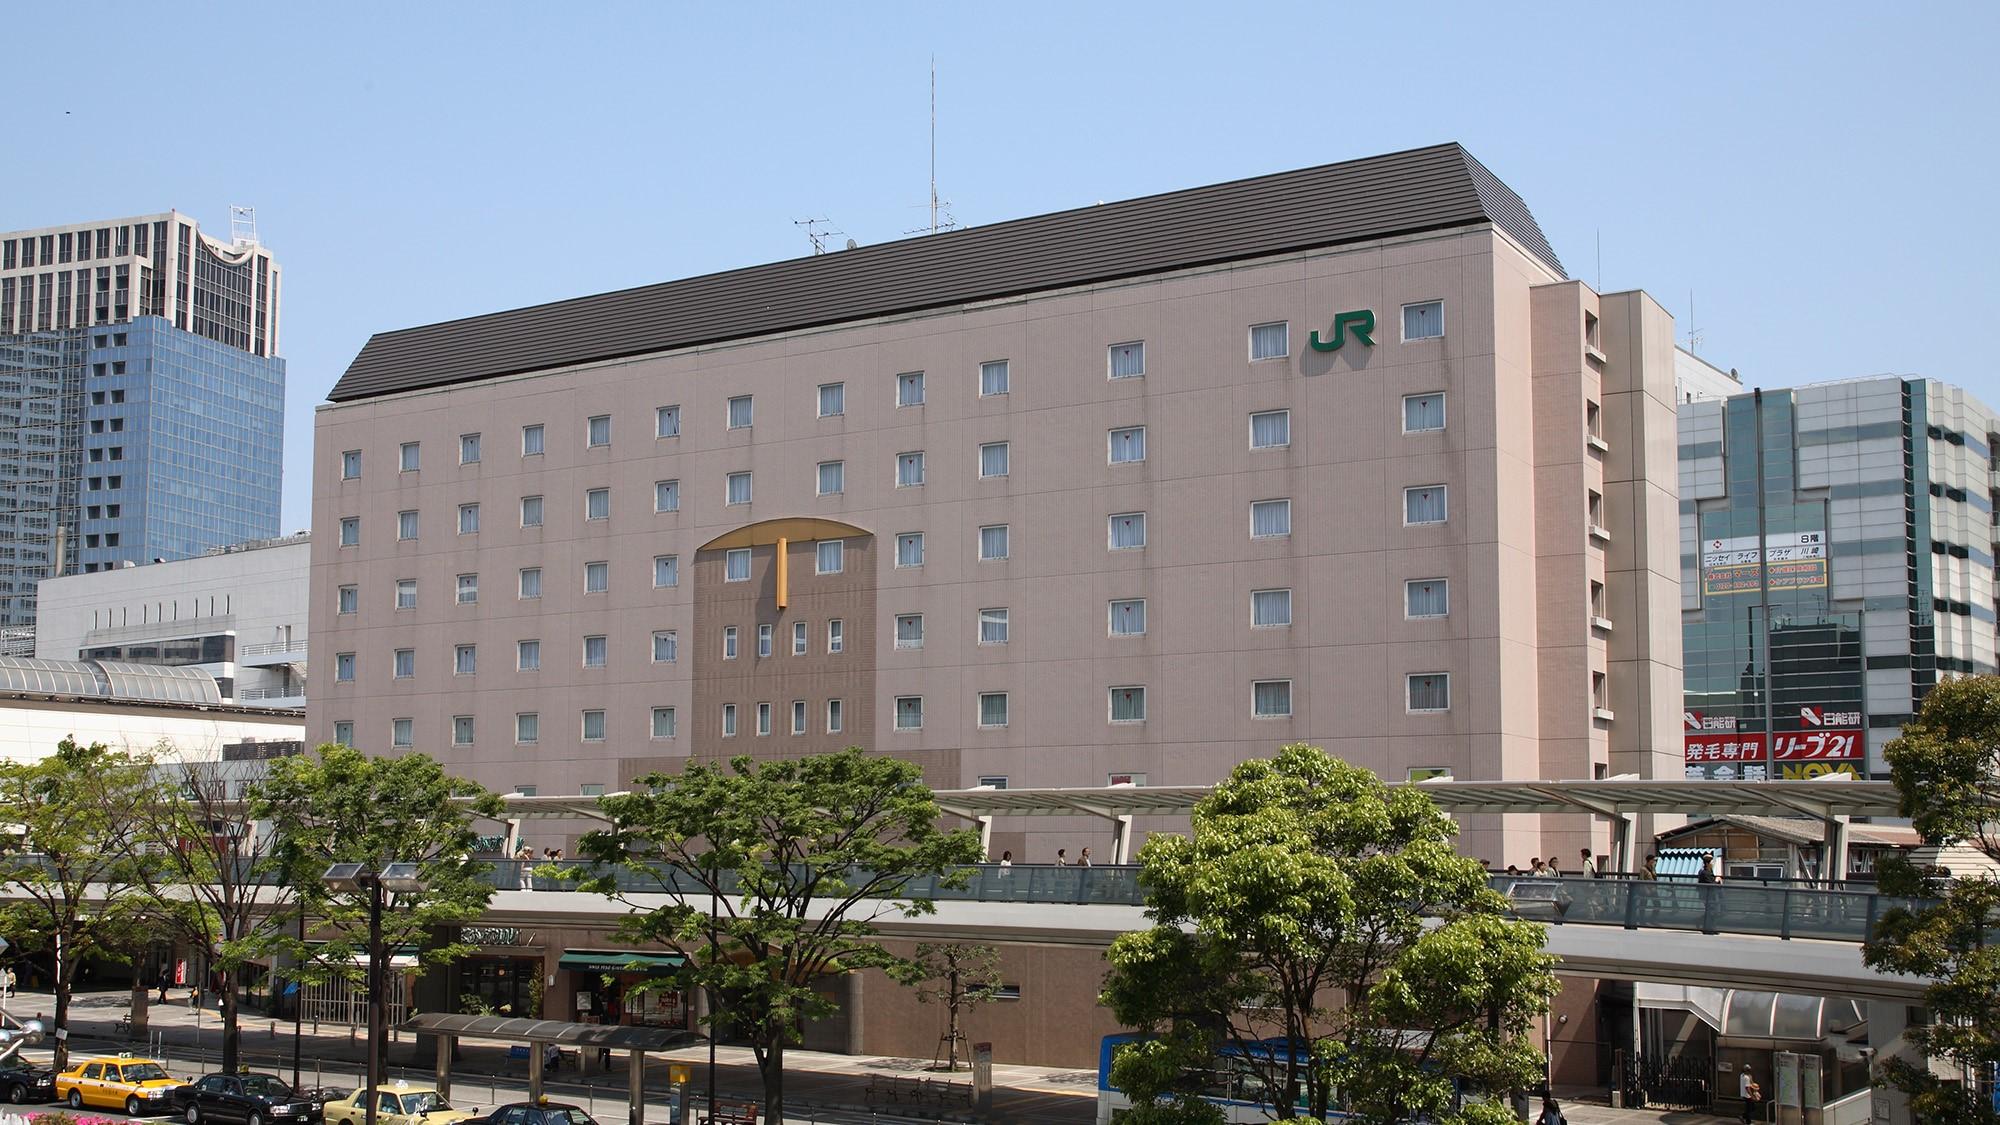 川崎駅近くの格安おすすめホテル・カプセルホテル